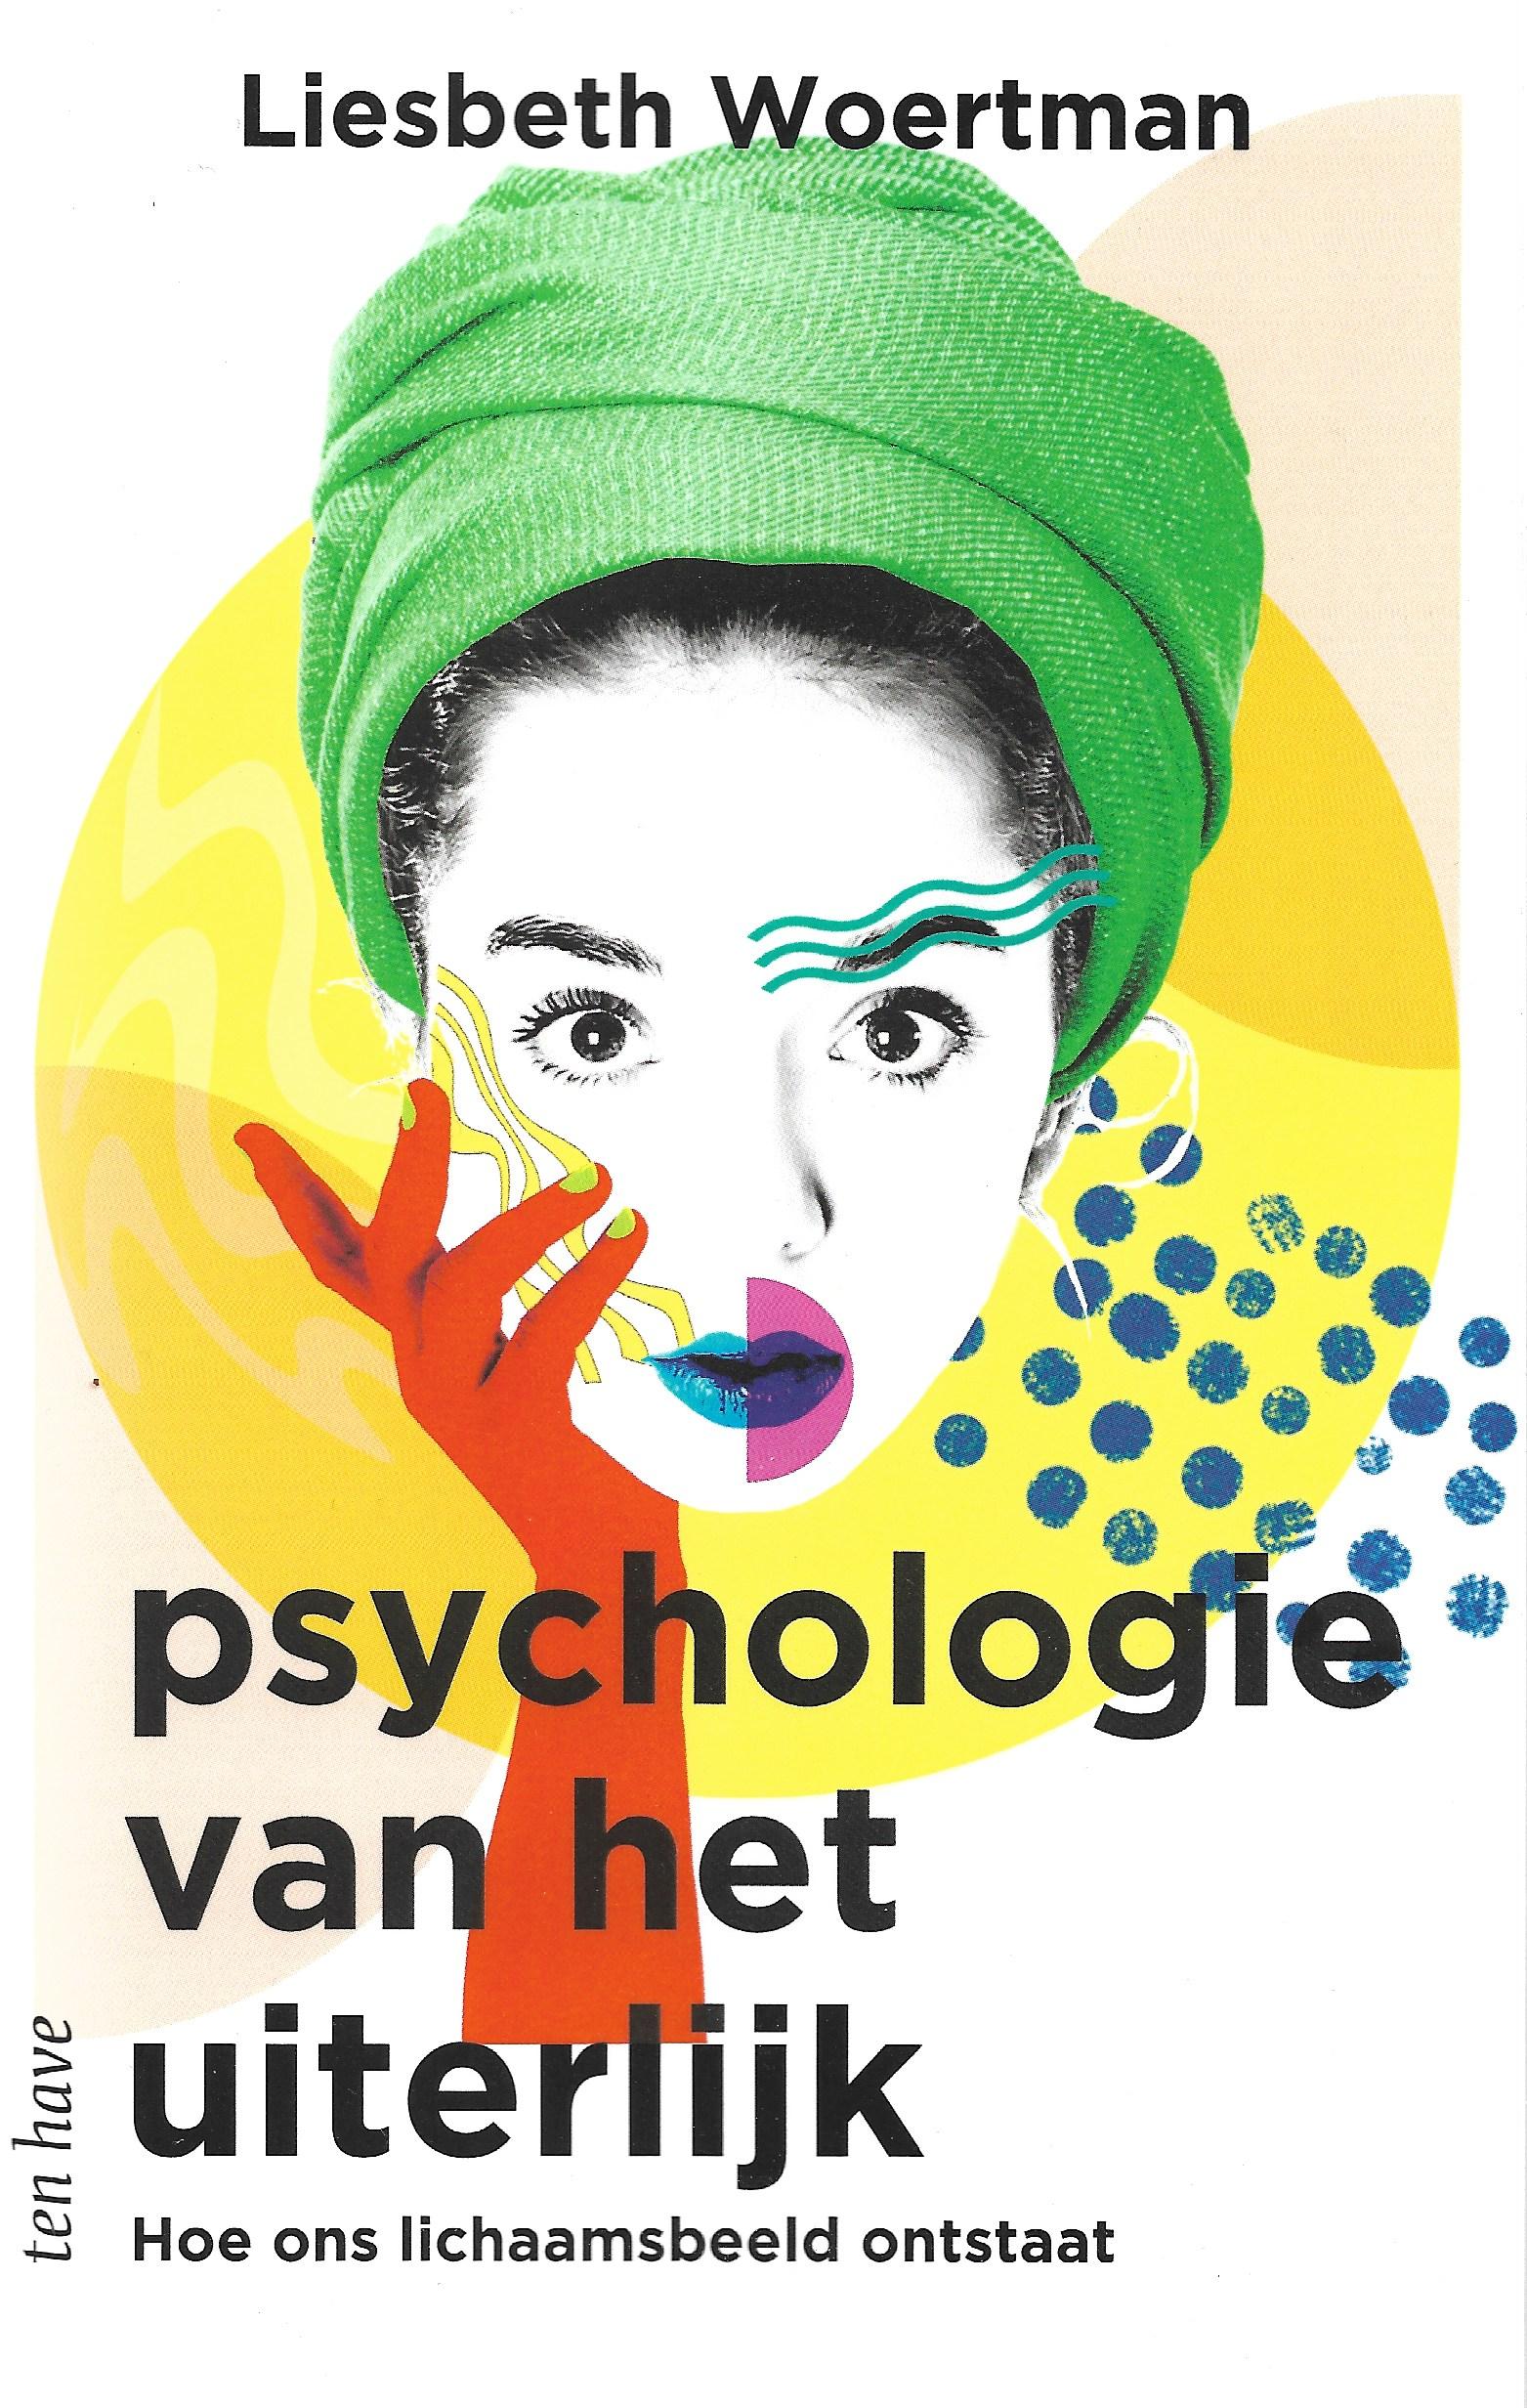 Psychologie van het uiterlijk - boekenflits.nl